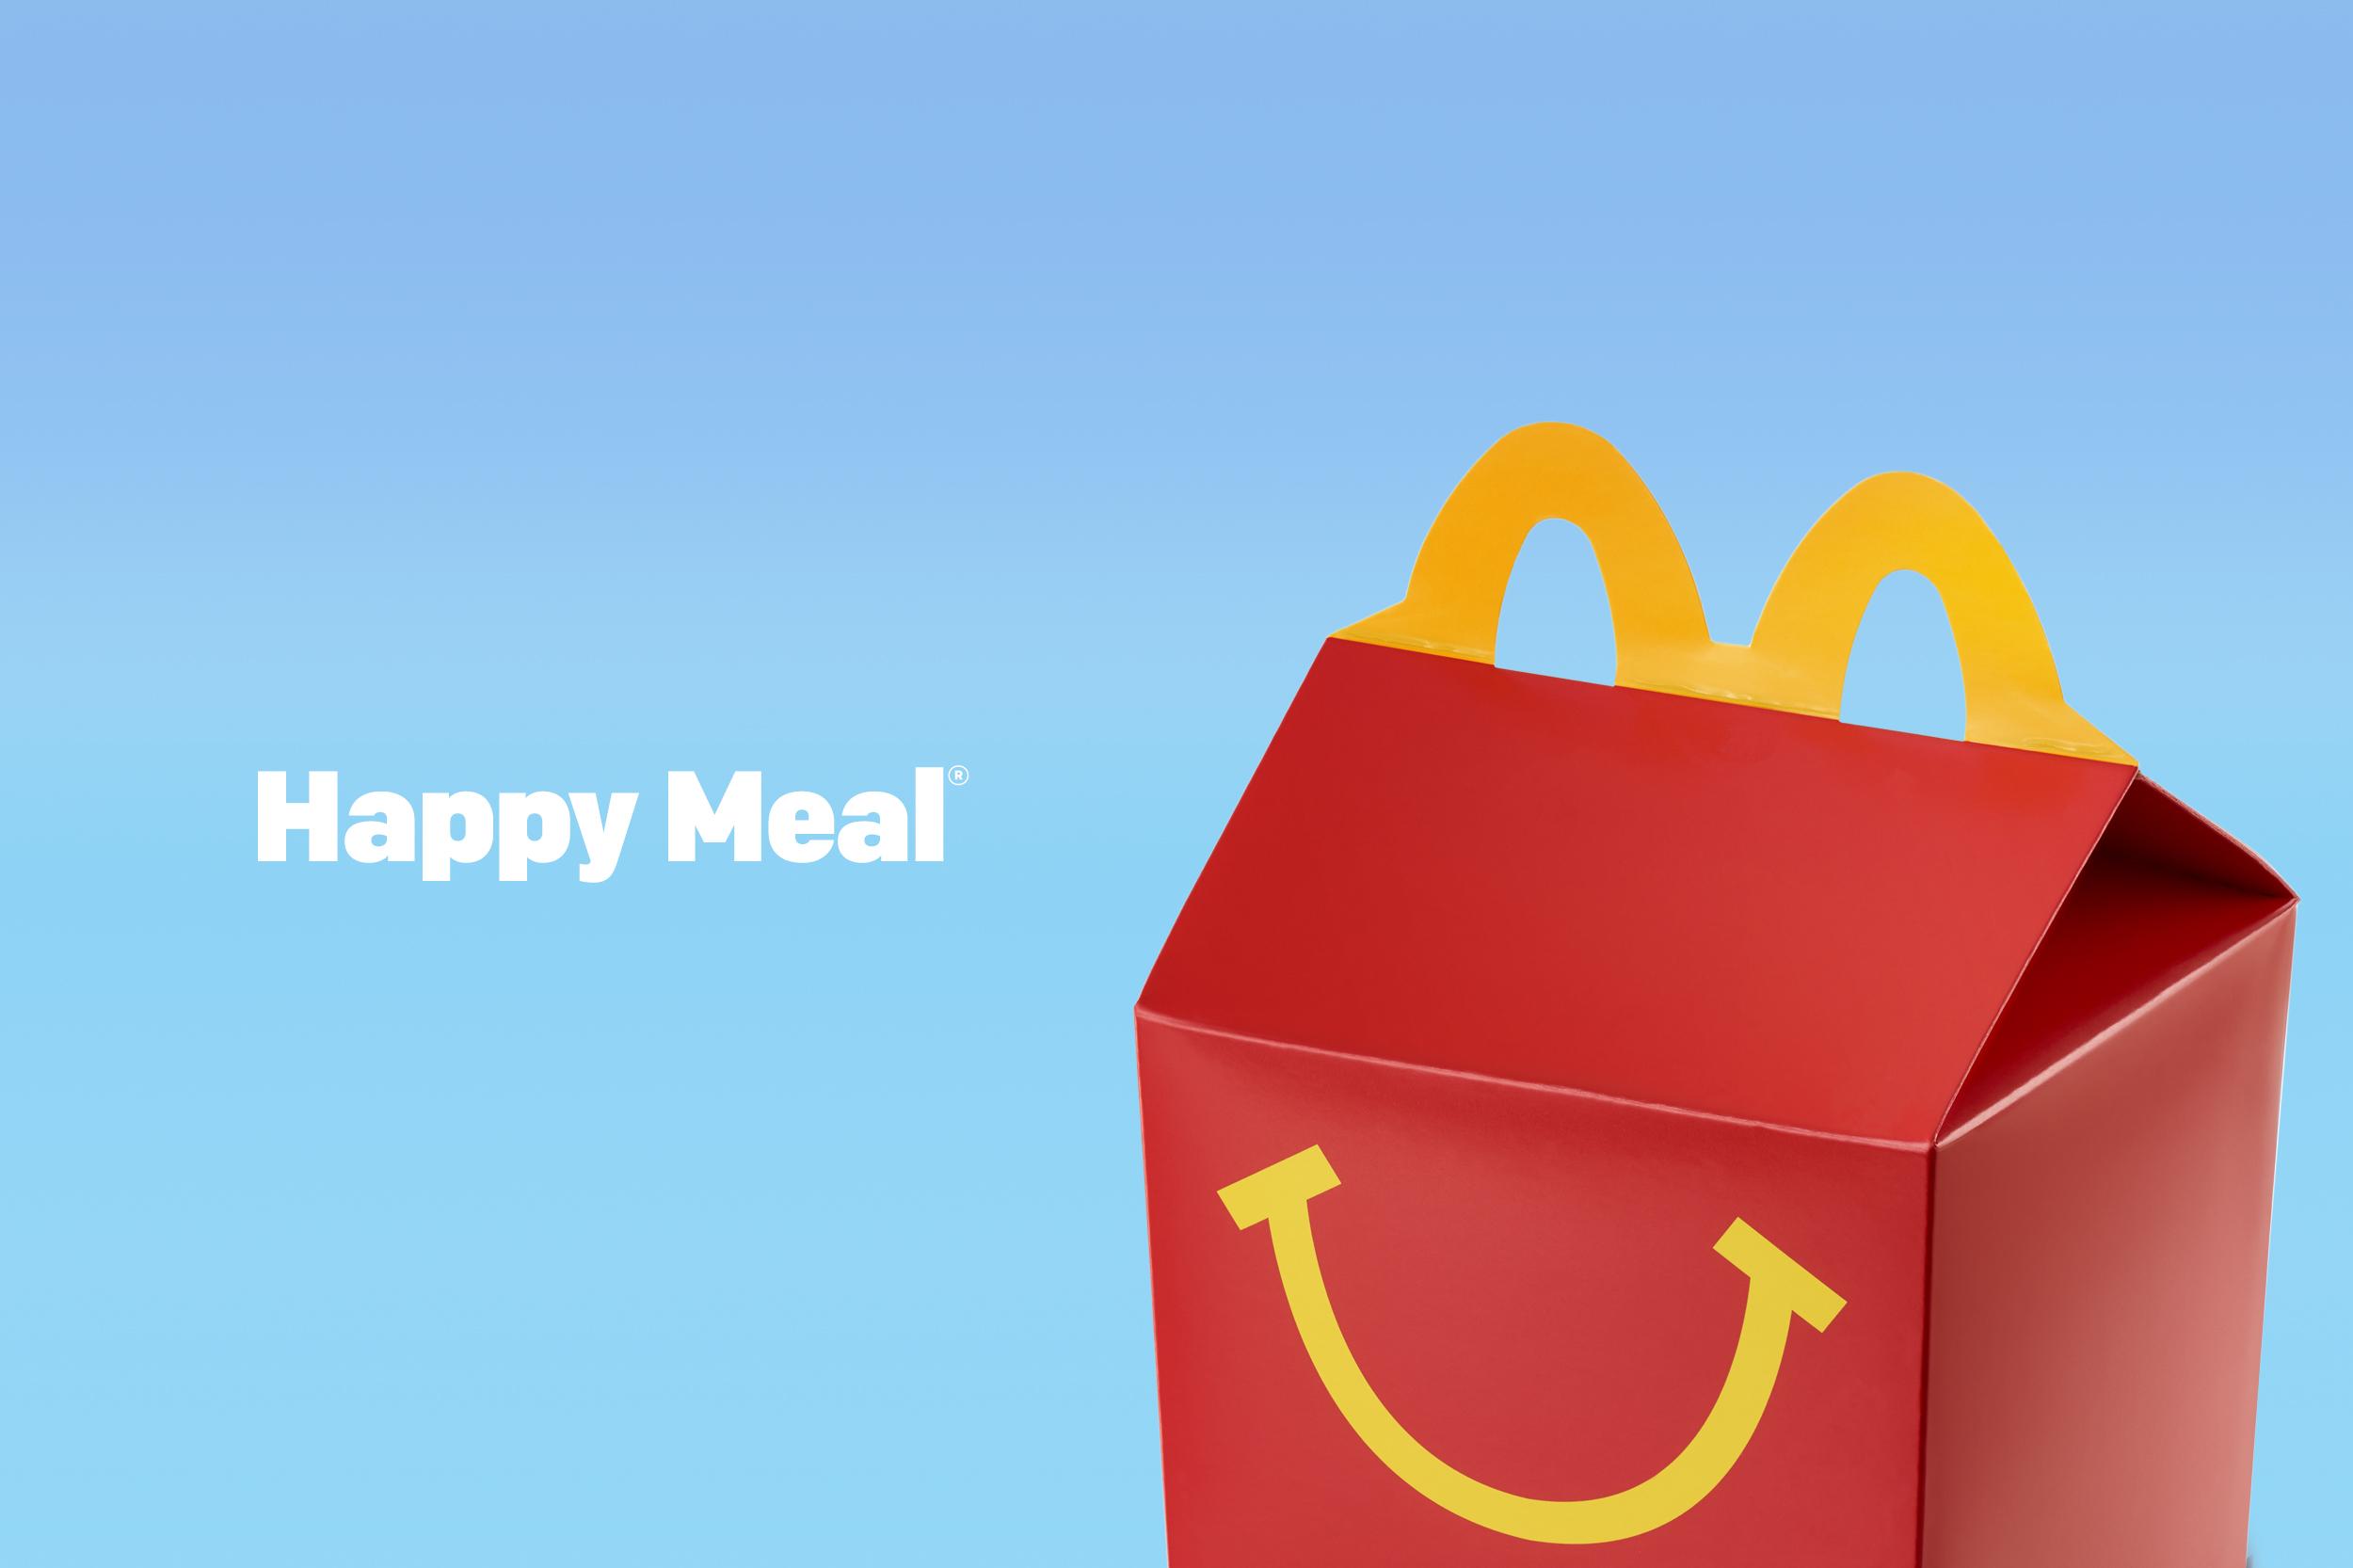 rog_web_happy-meal.jpg